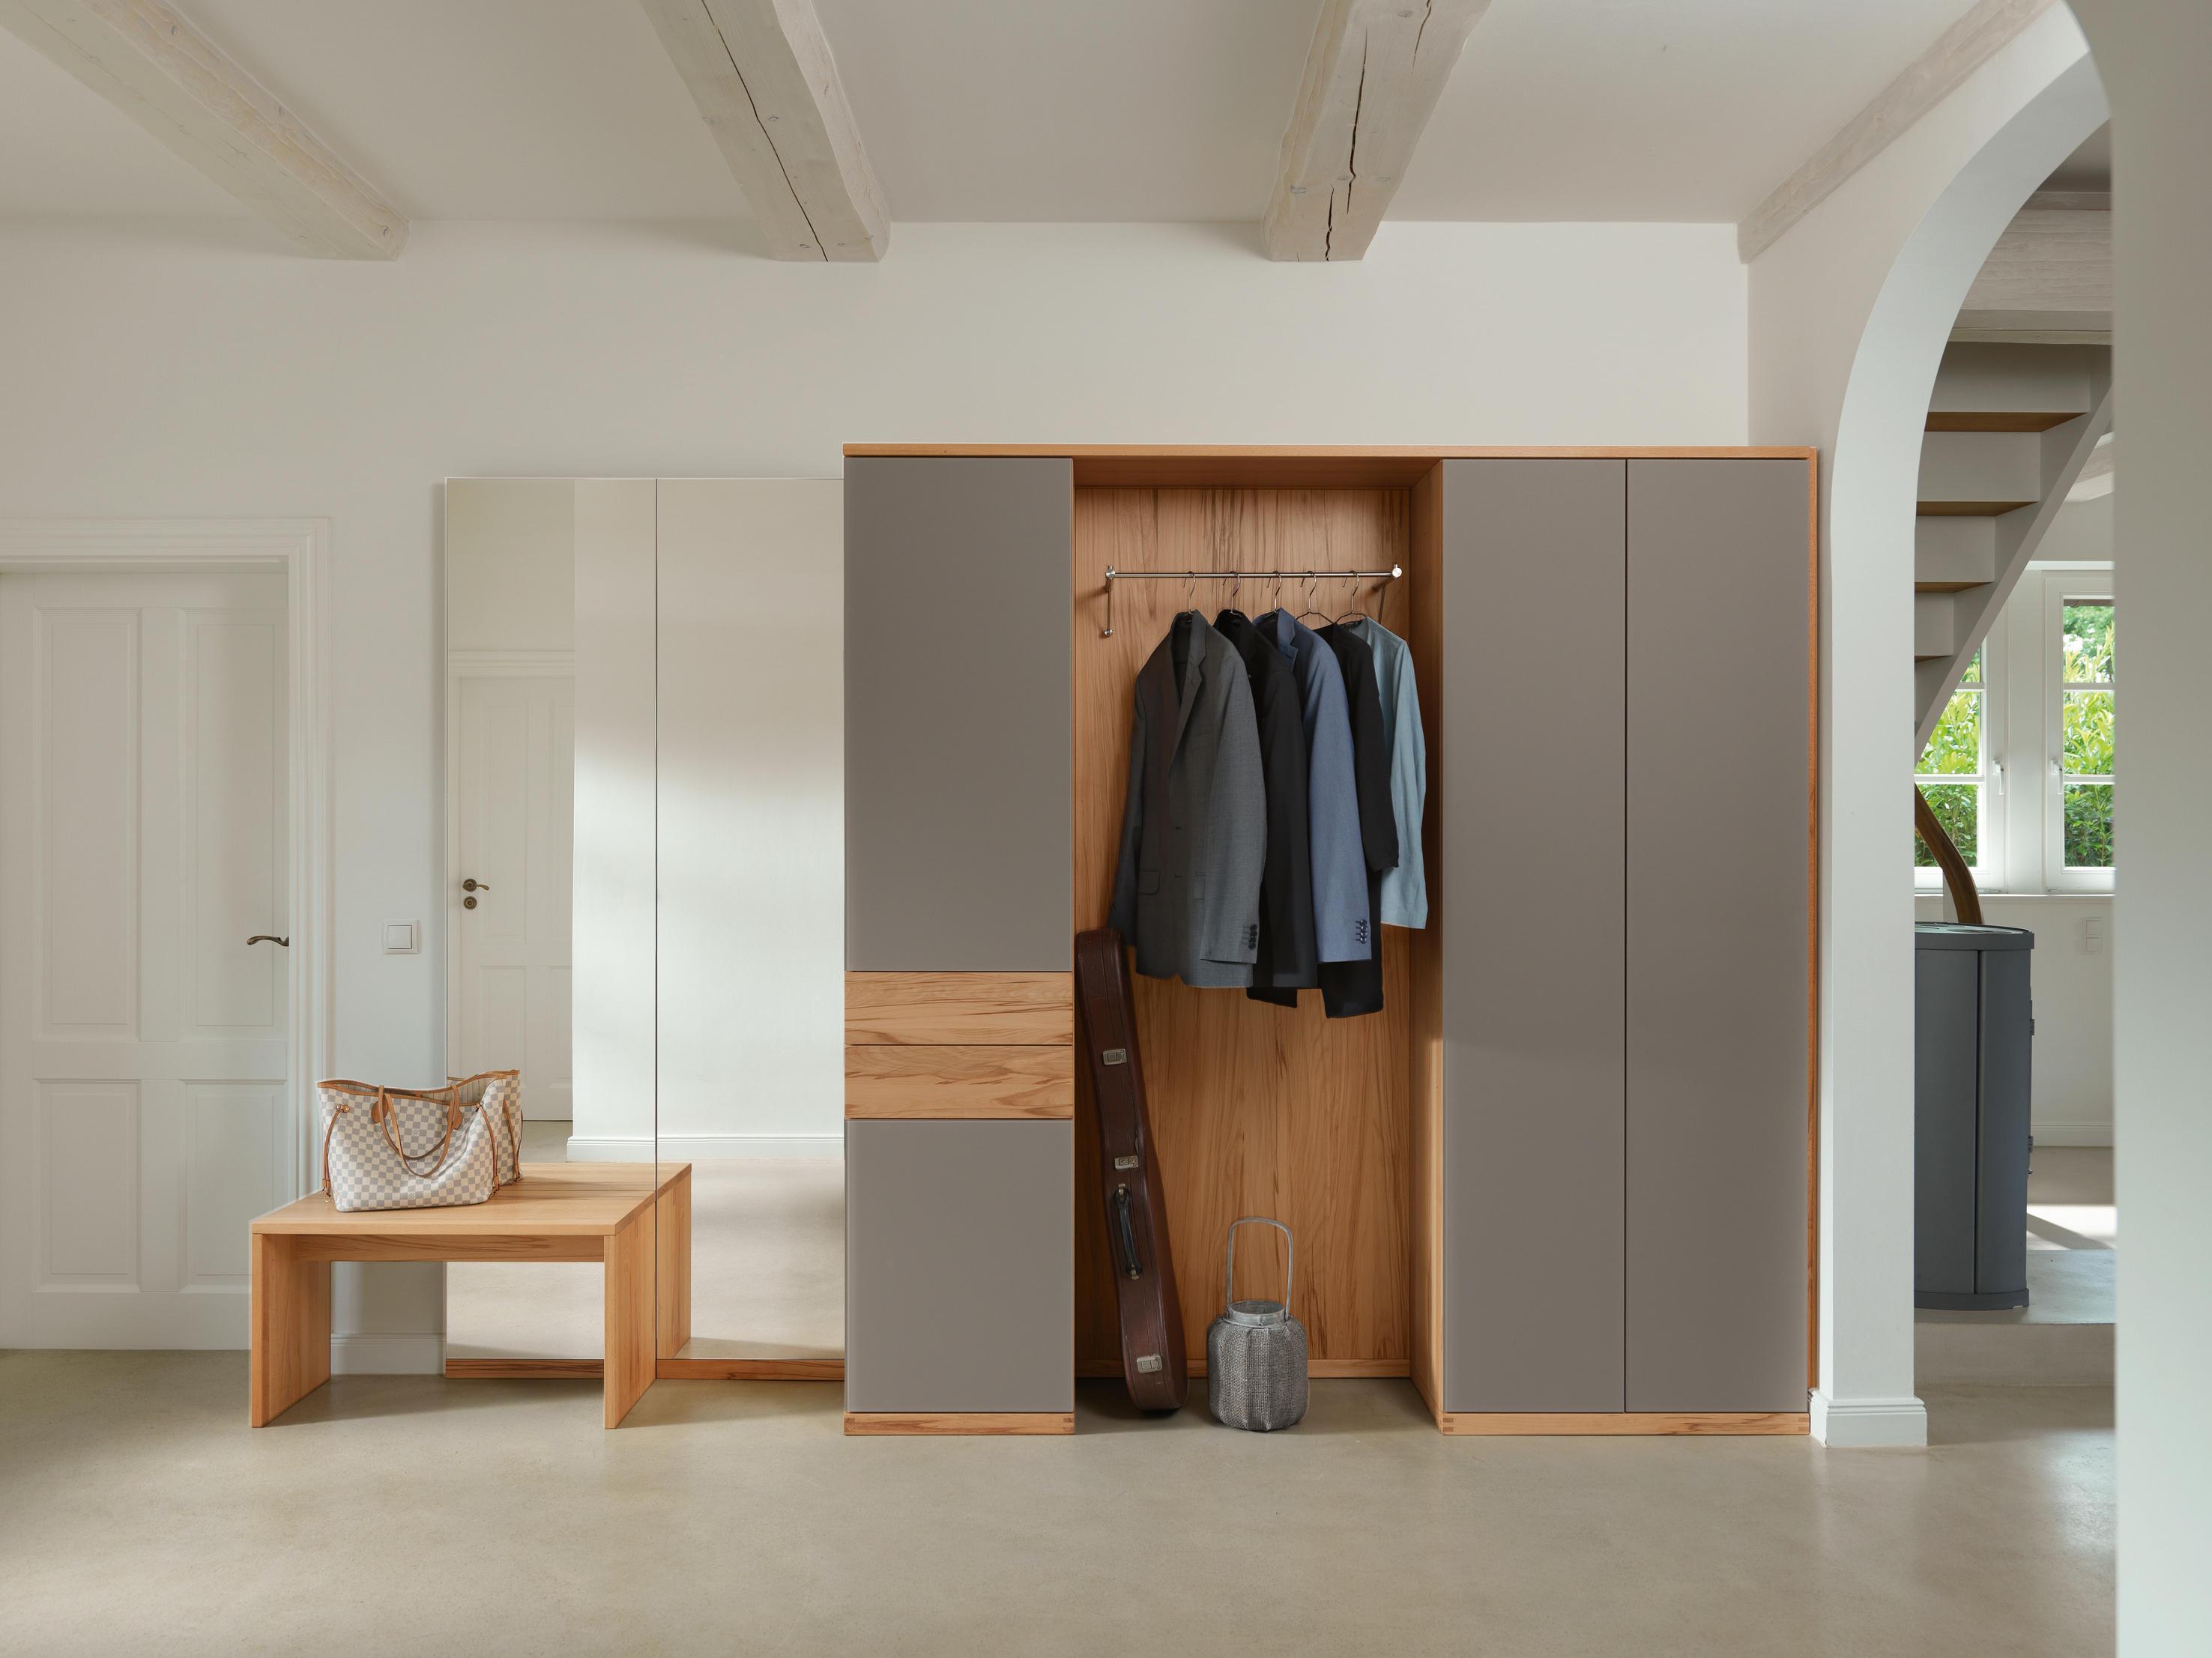 Cubus meubles de vestibule portemanteaux sur pied de - Meuble de vestibule ...